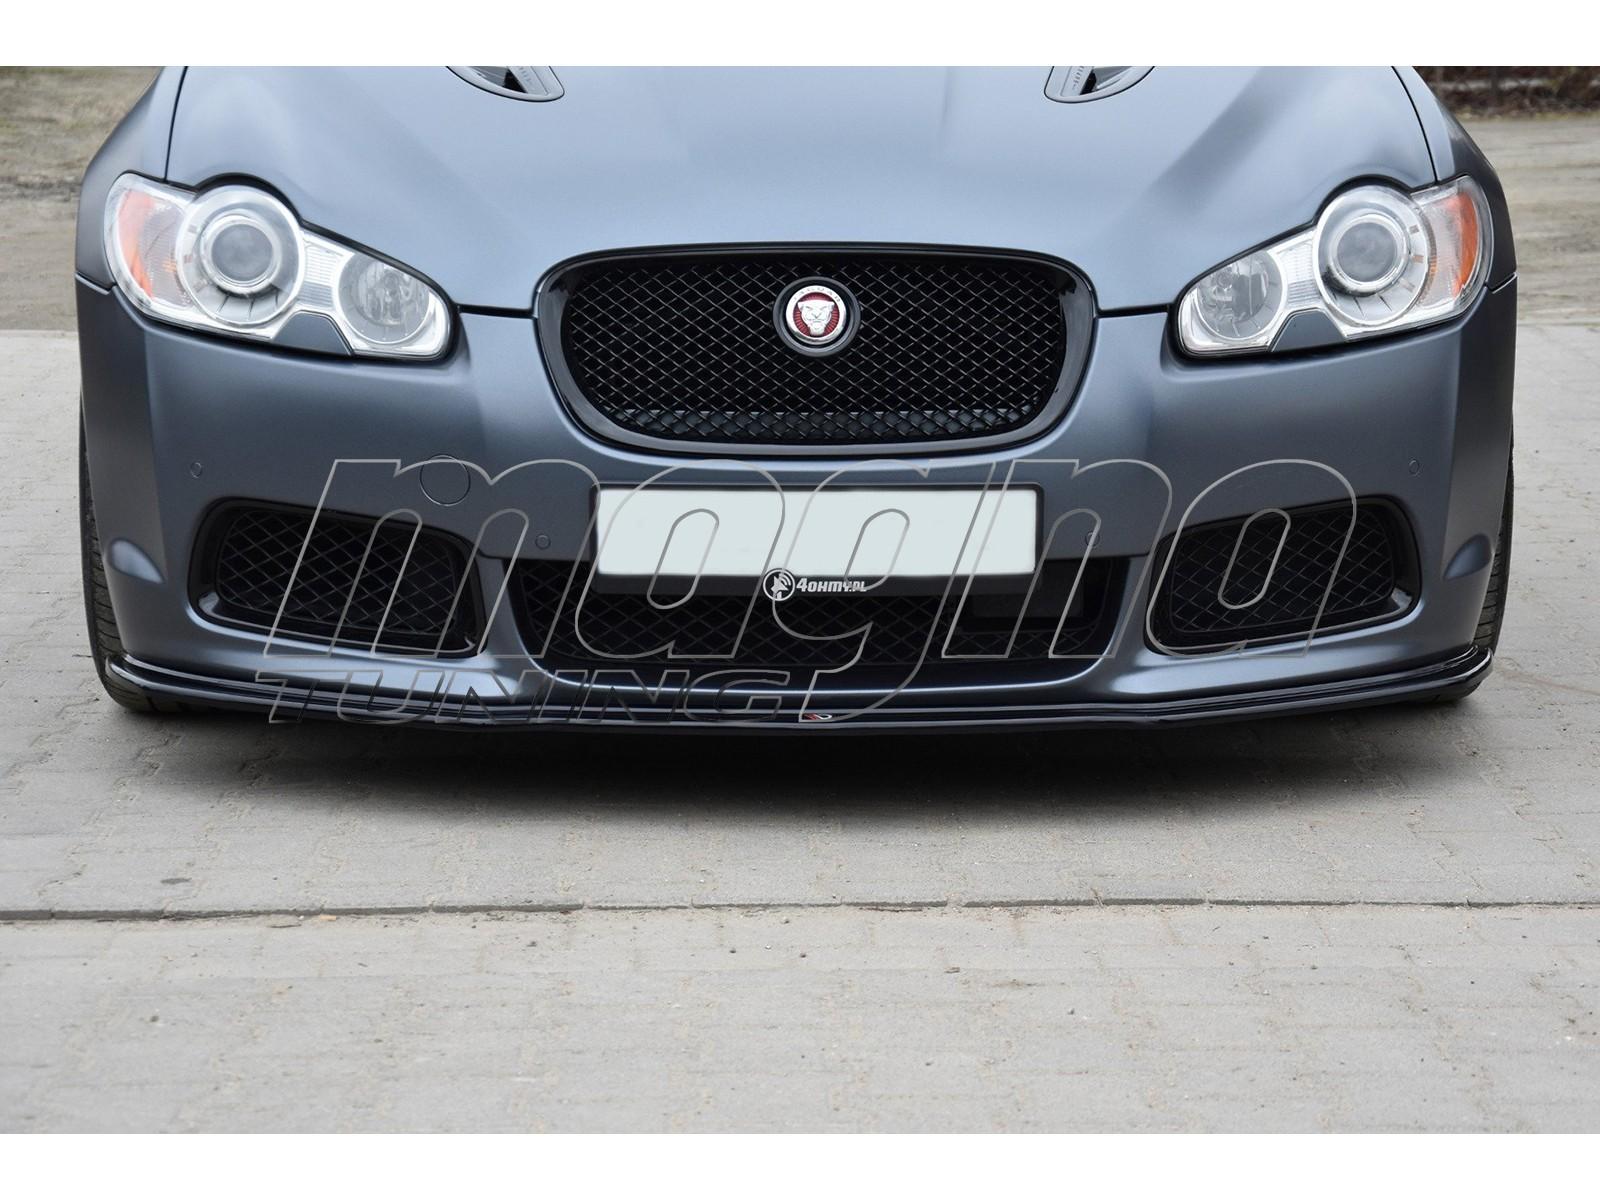 Jaguar XFR X250 Matrix Front Bumper Extension